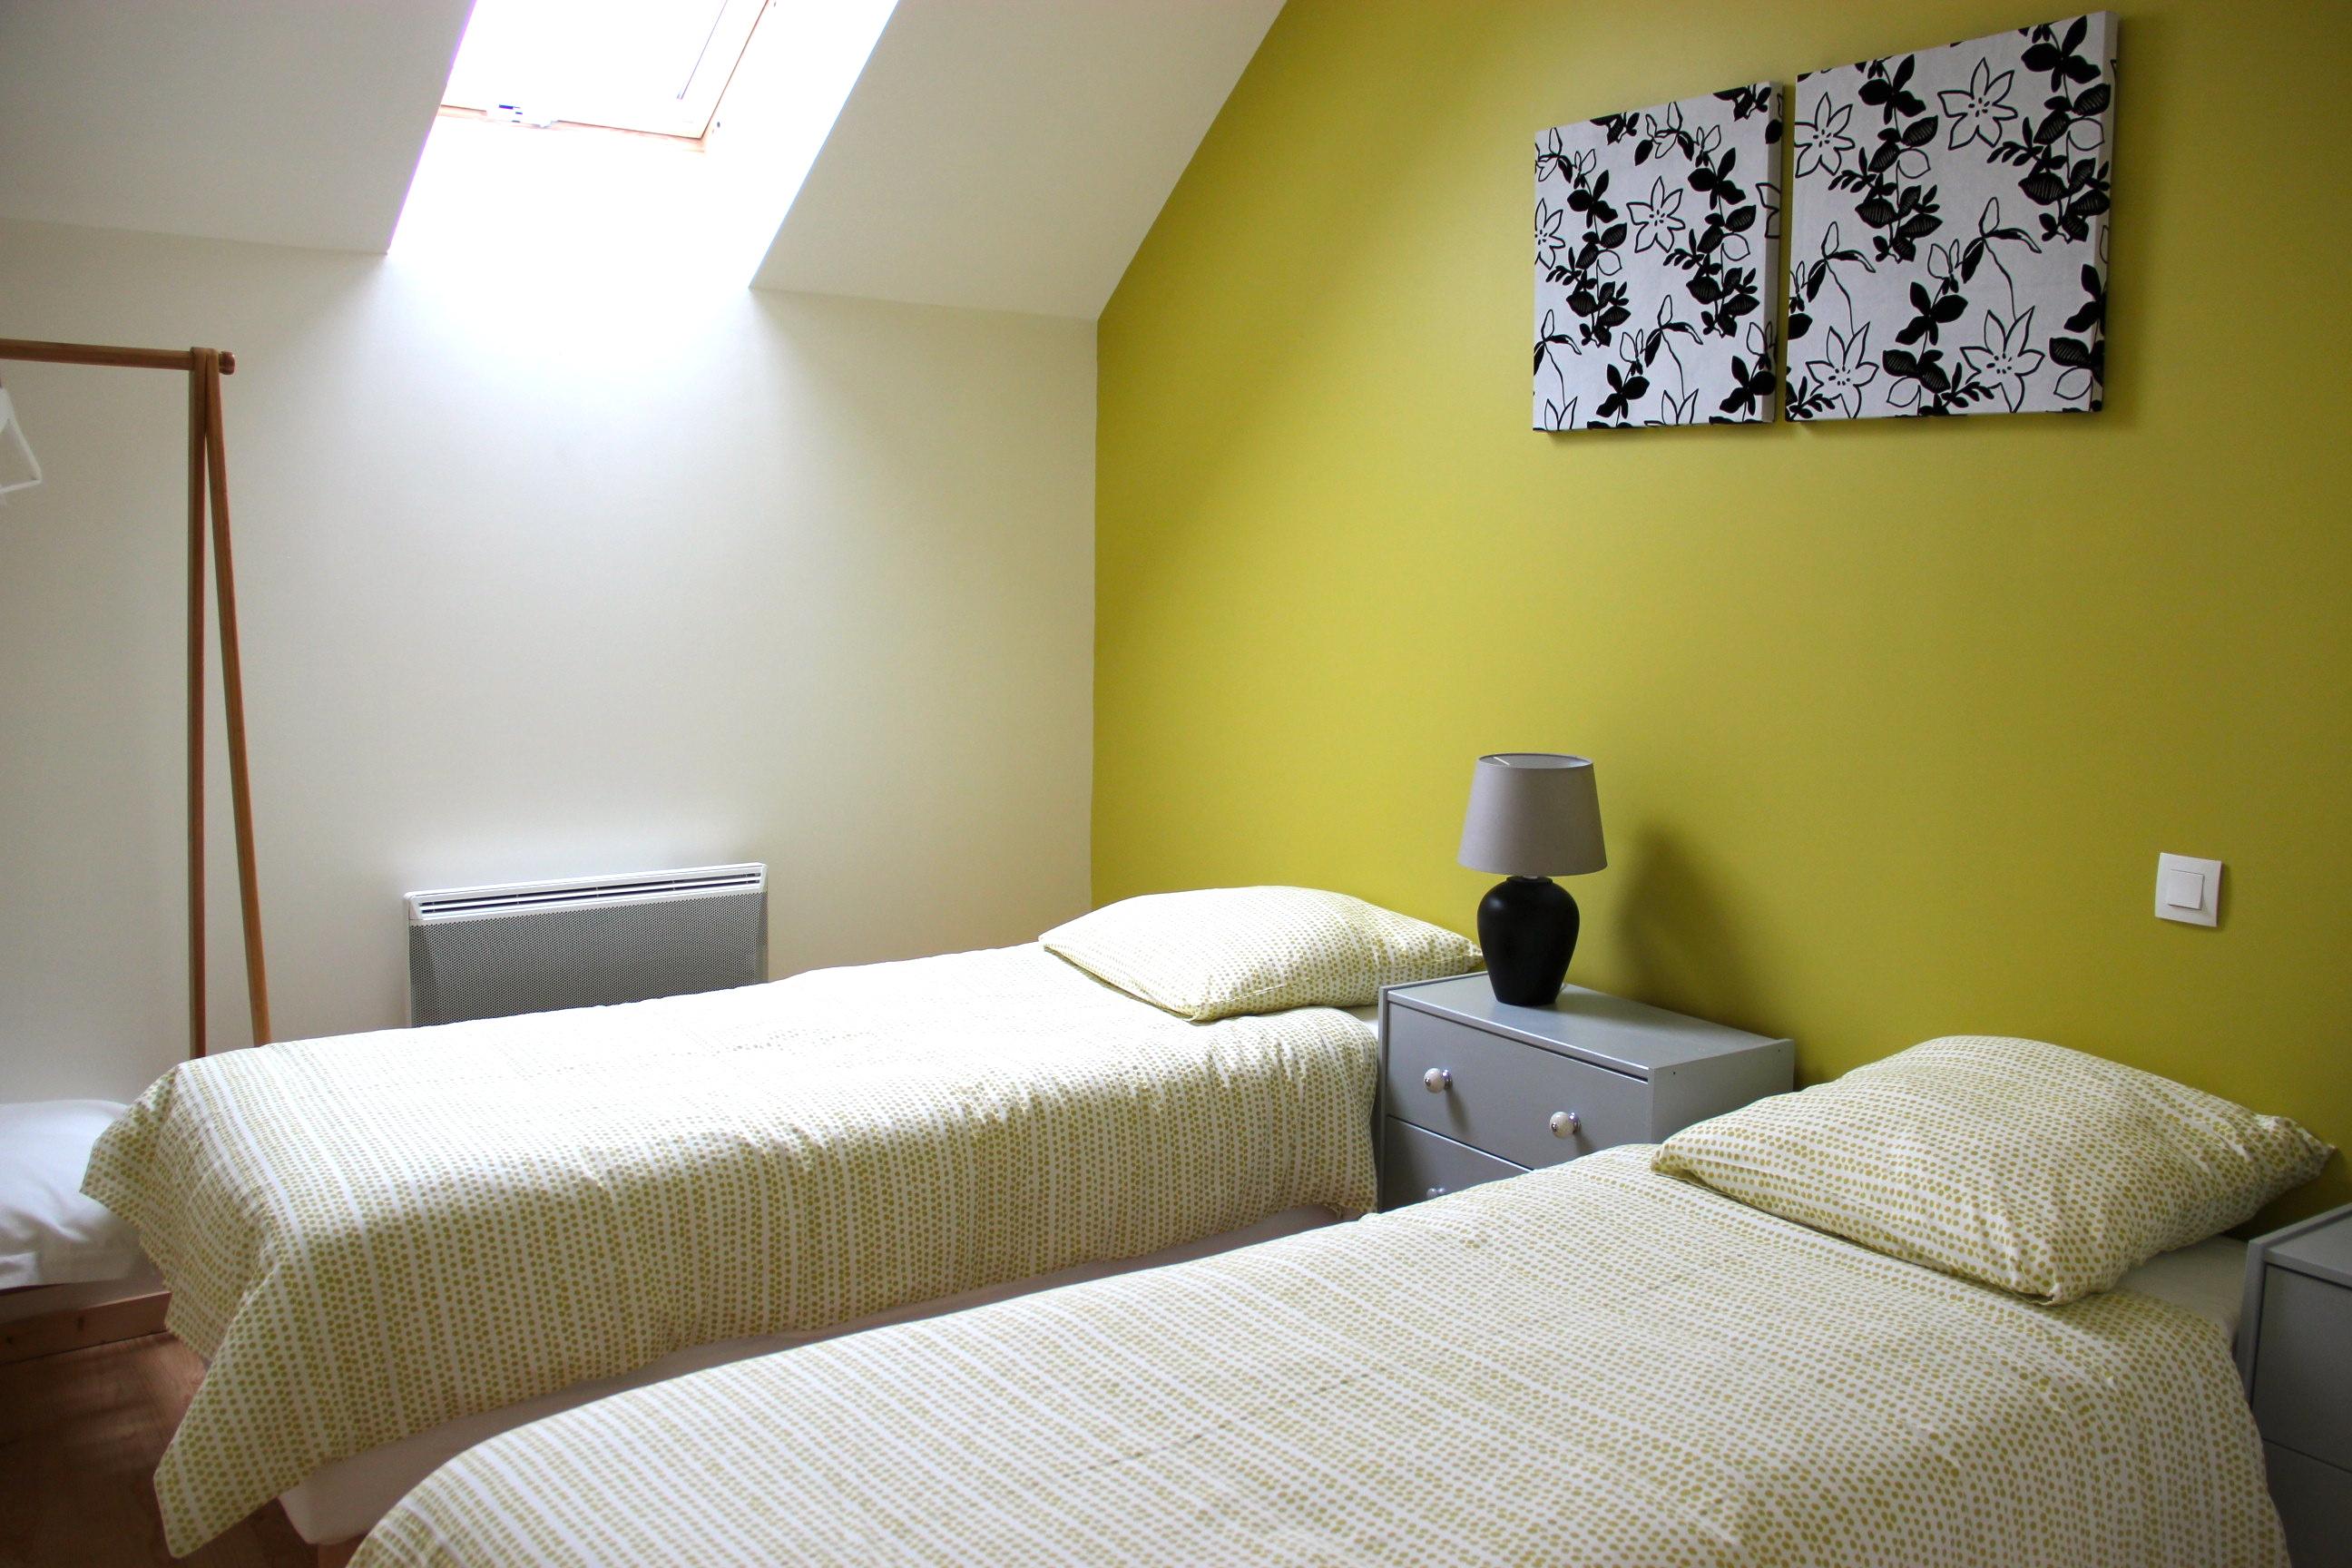 Salle de bain - Choix des couleurs pour une chambre ...